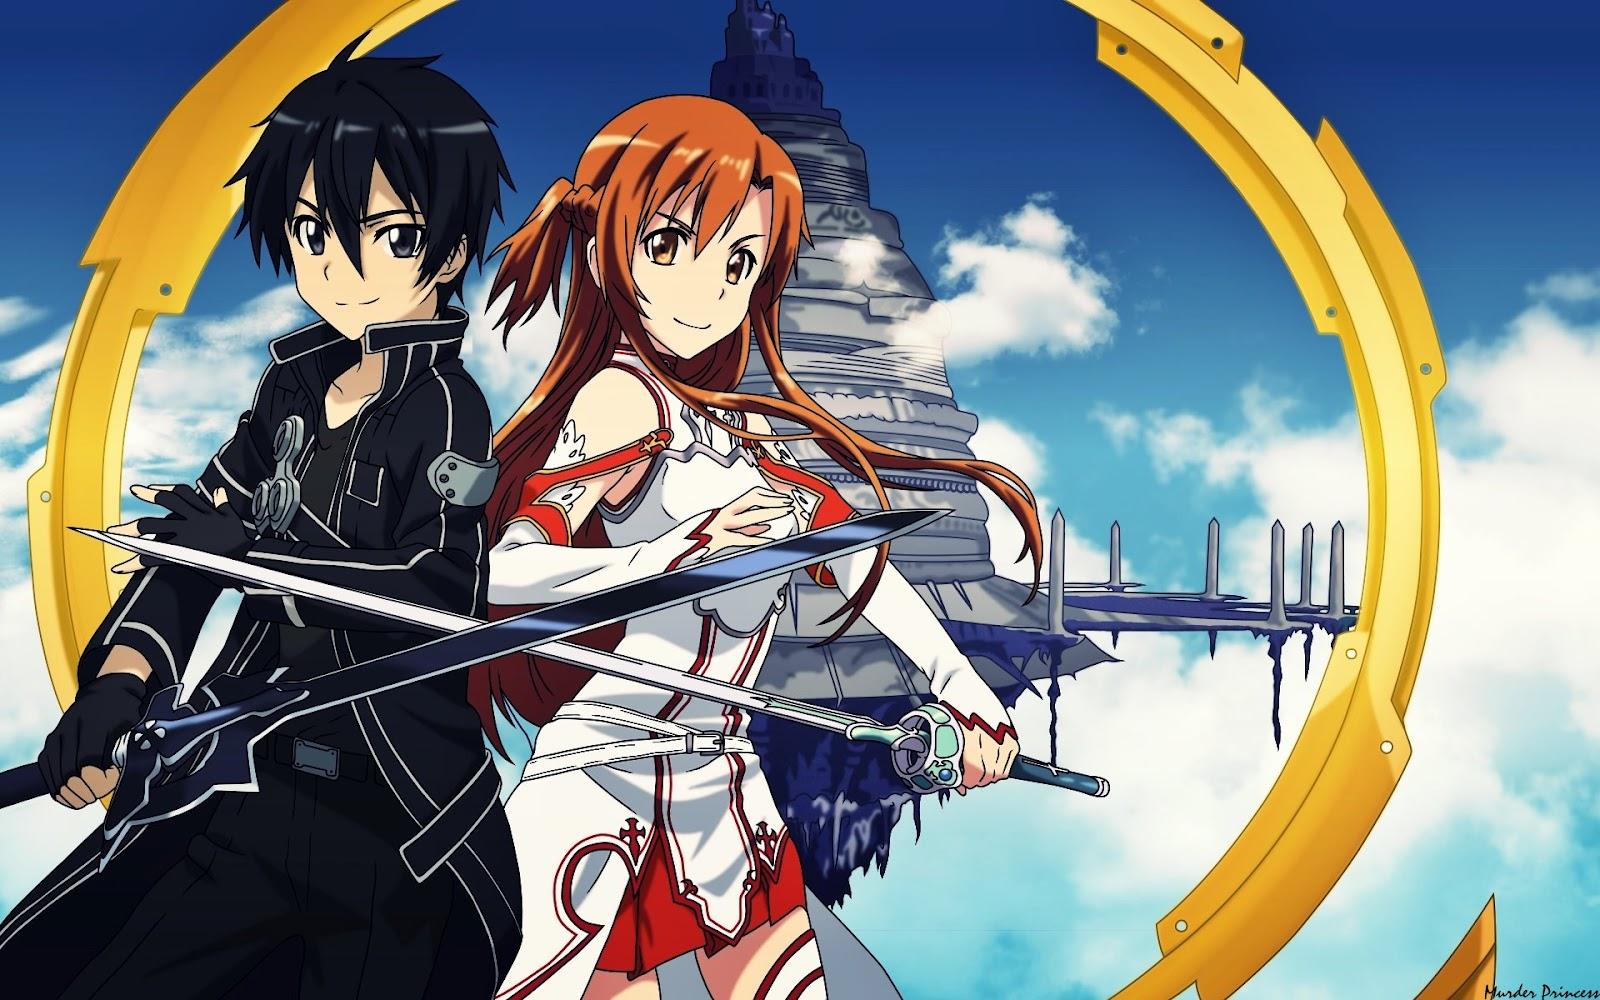 Sword art online на 2x2